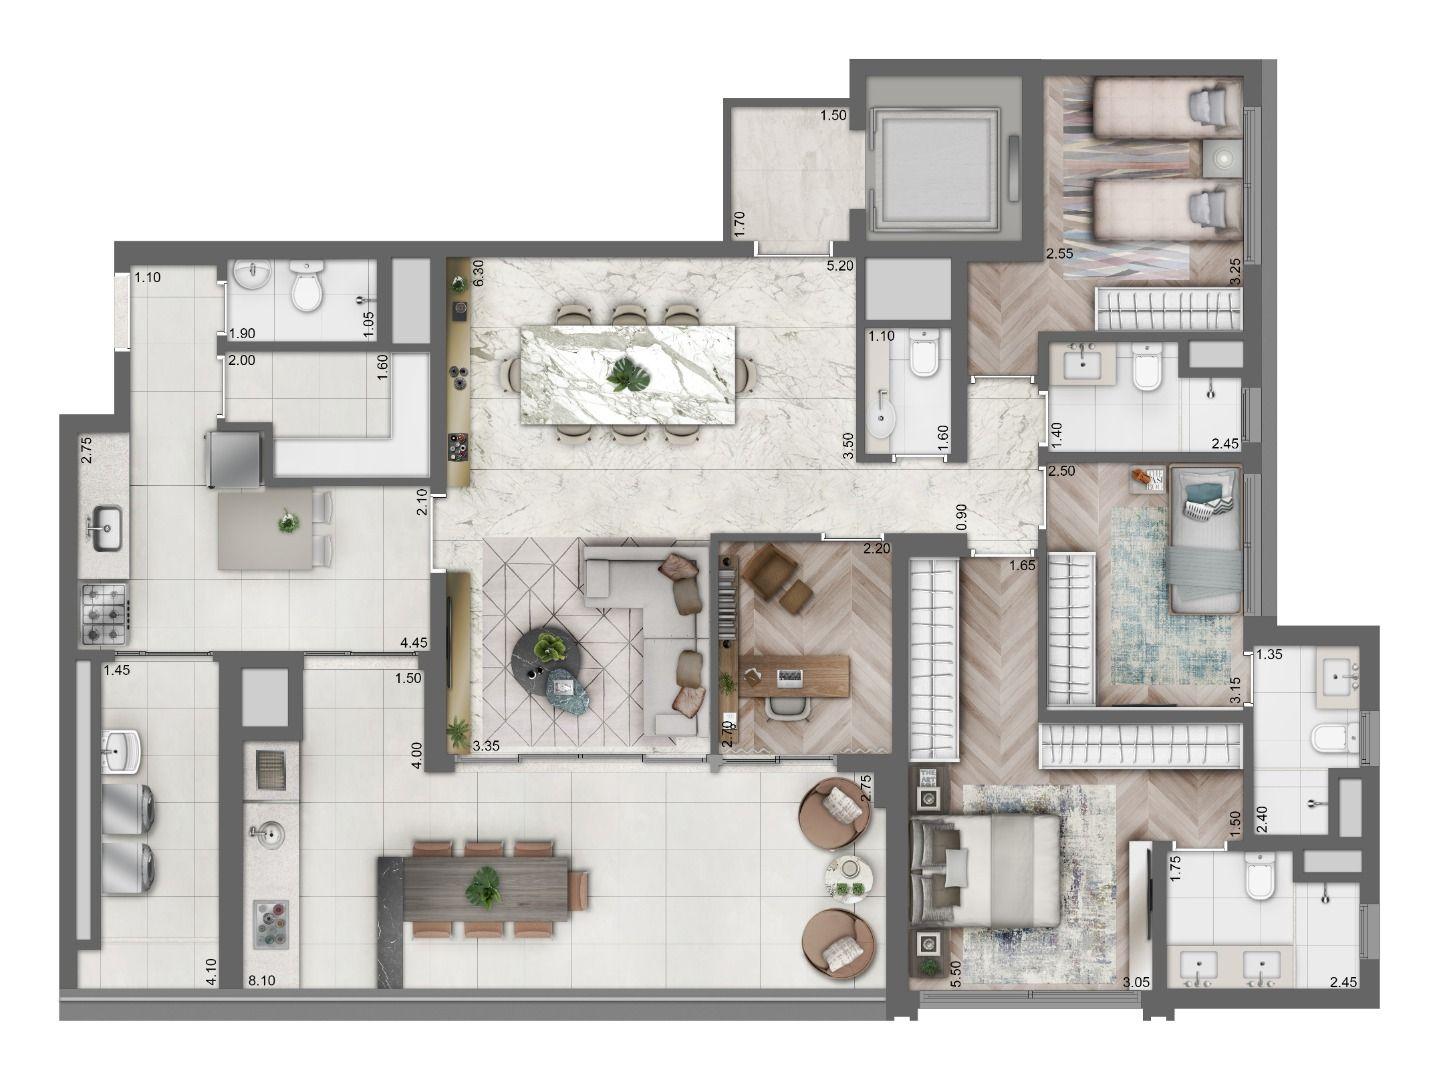 158 M² - 4 DORMITÓRIOS, SENDO 2 SUÍTES. Apartamentos na Vila Clementino com amplos quartos e suíte master com closet e banheiro com 2 cubas. Conta com condicionamento acústico e infra para ar-condicionado no living e nos dormitórios.